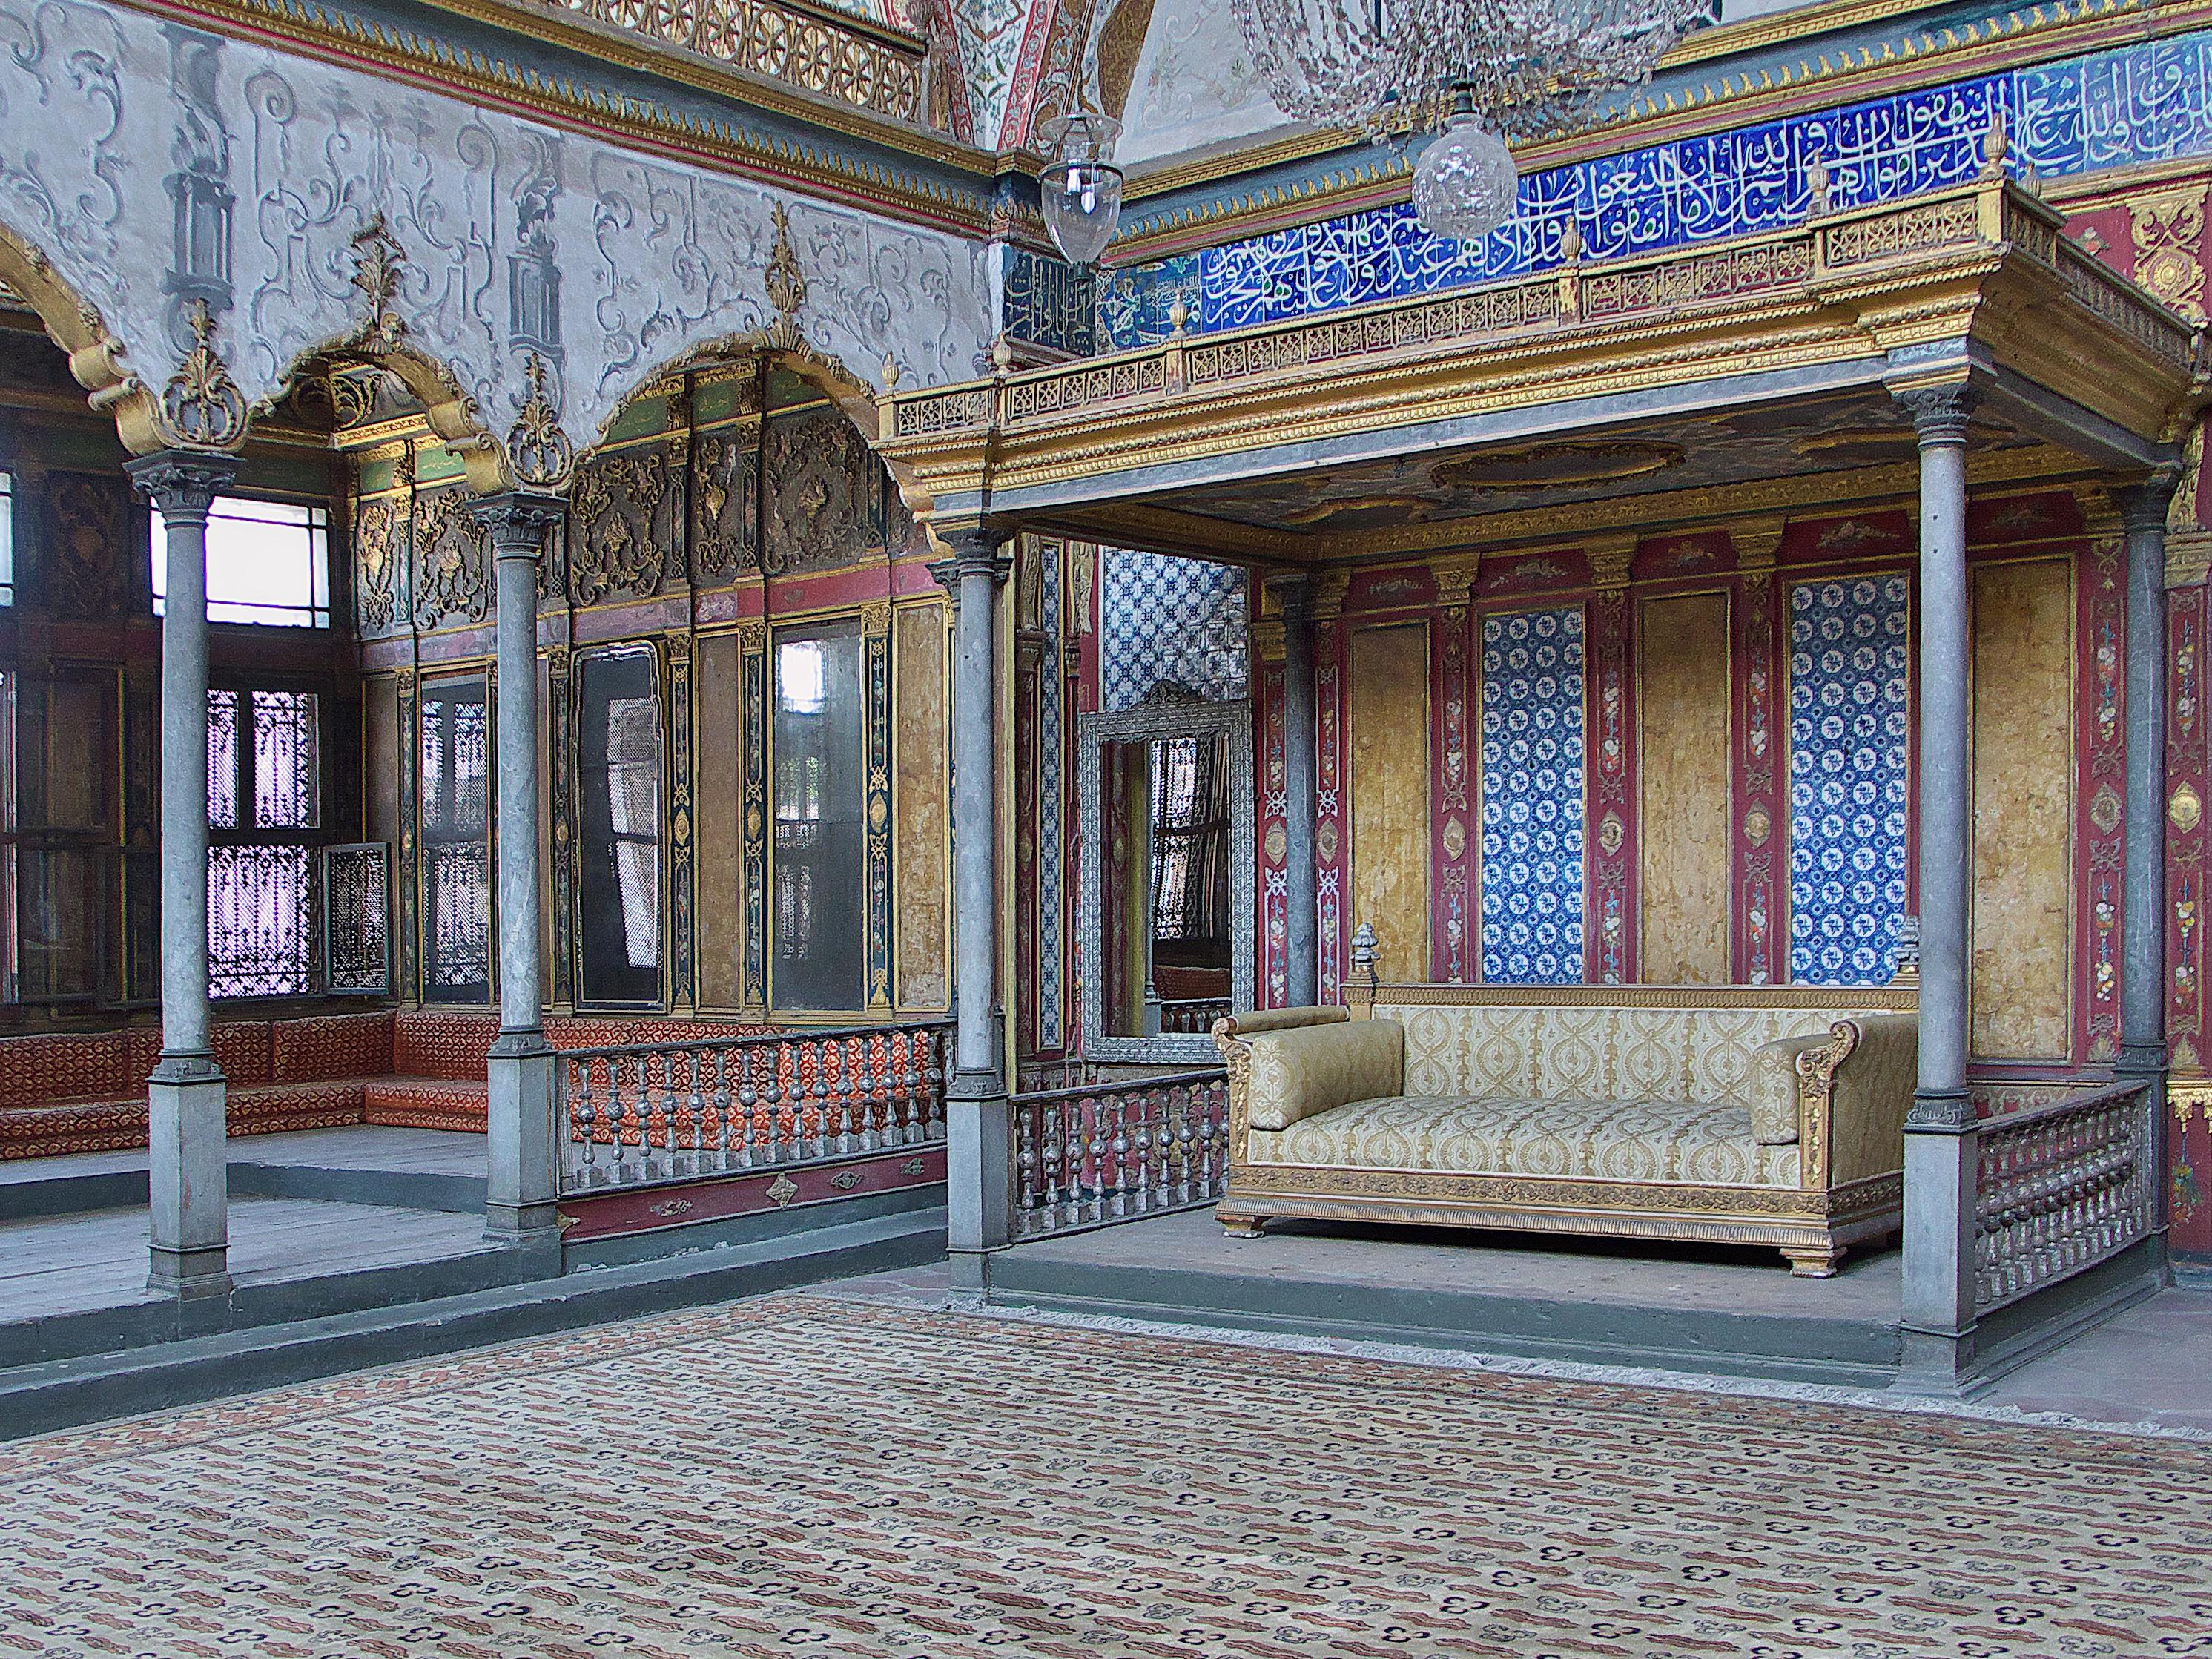 Фото тысяч комнат в квартире после ремонта монгольском языке